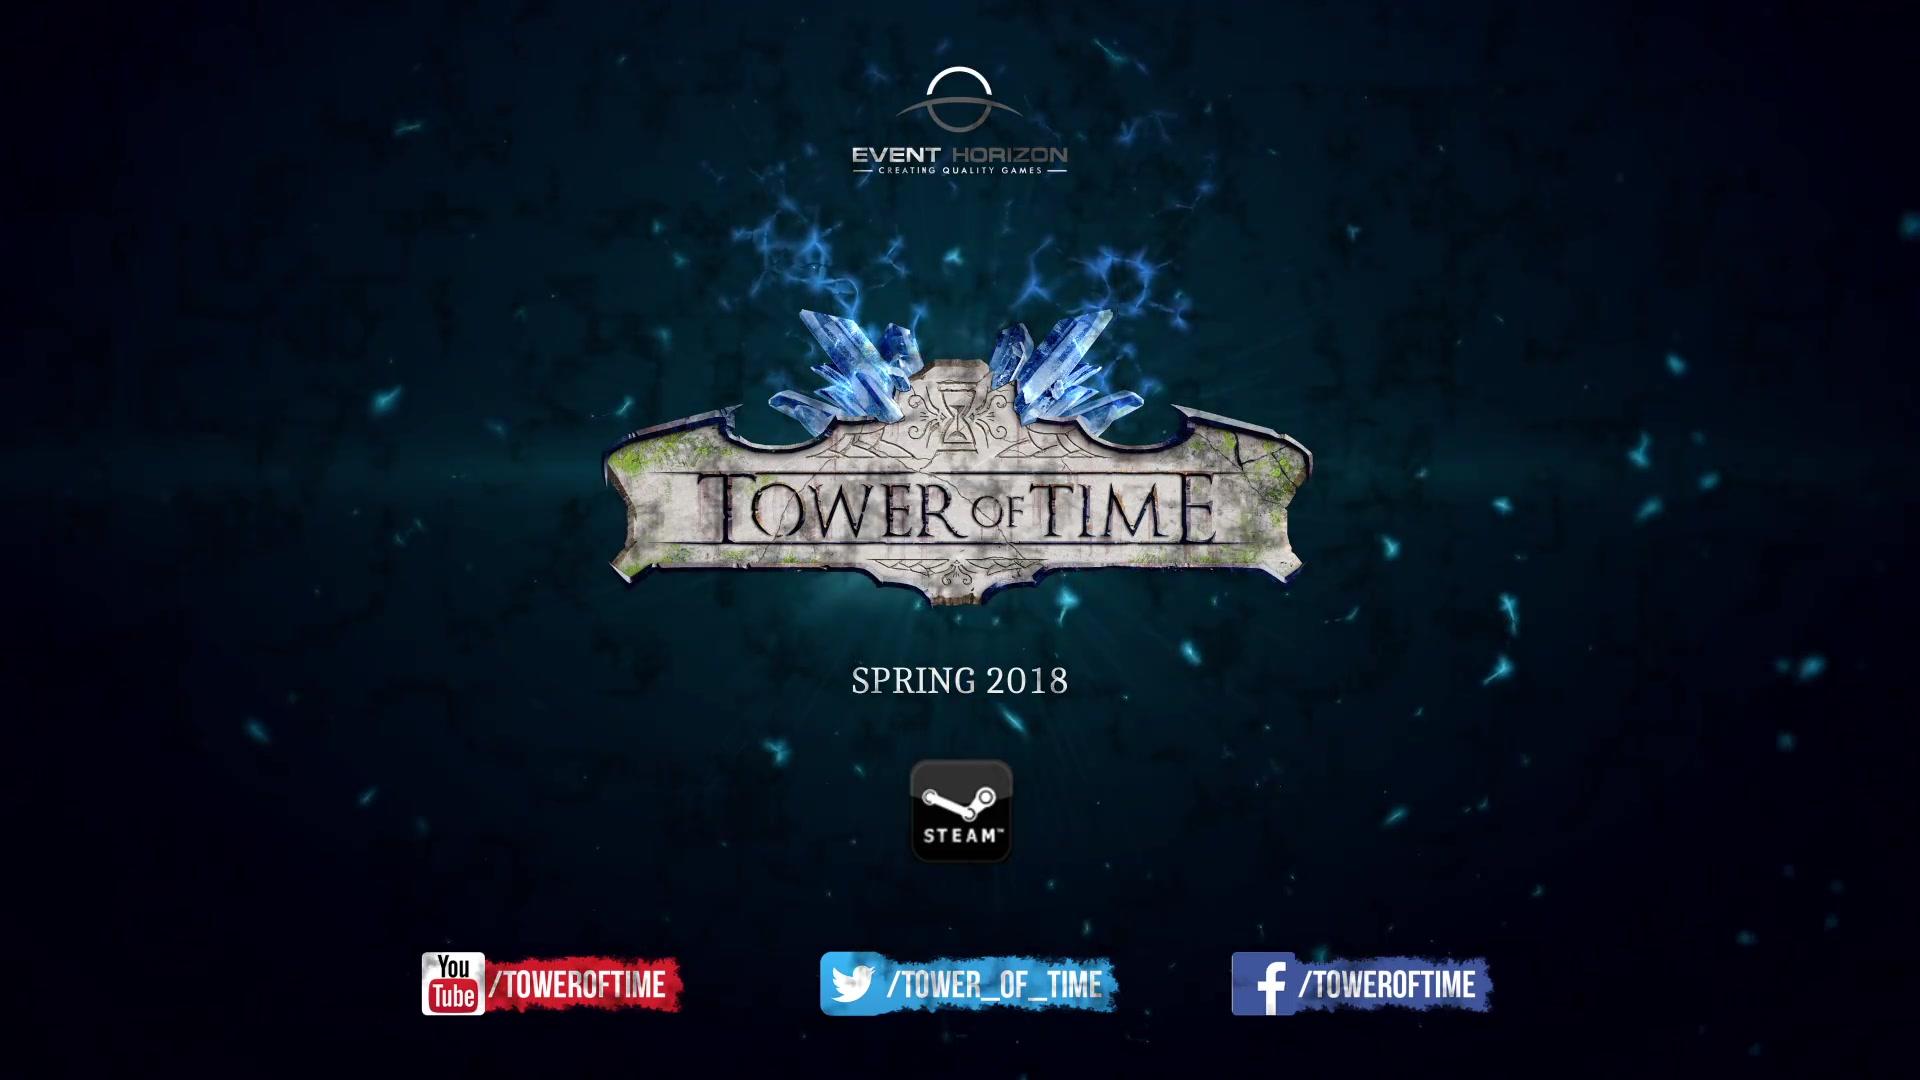 《时光之塔》将于4月发售 子弹时间变成箭矢时间